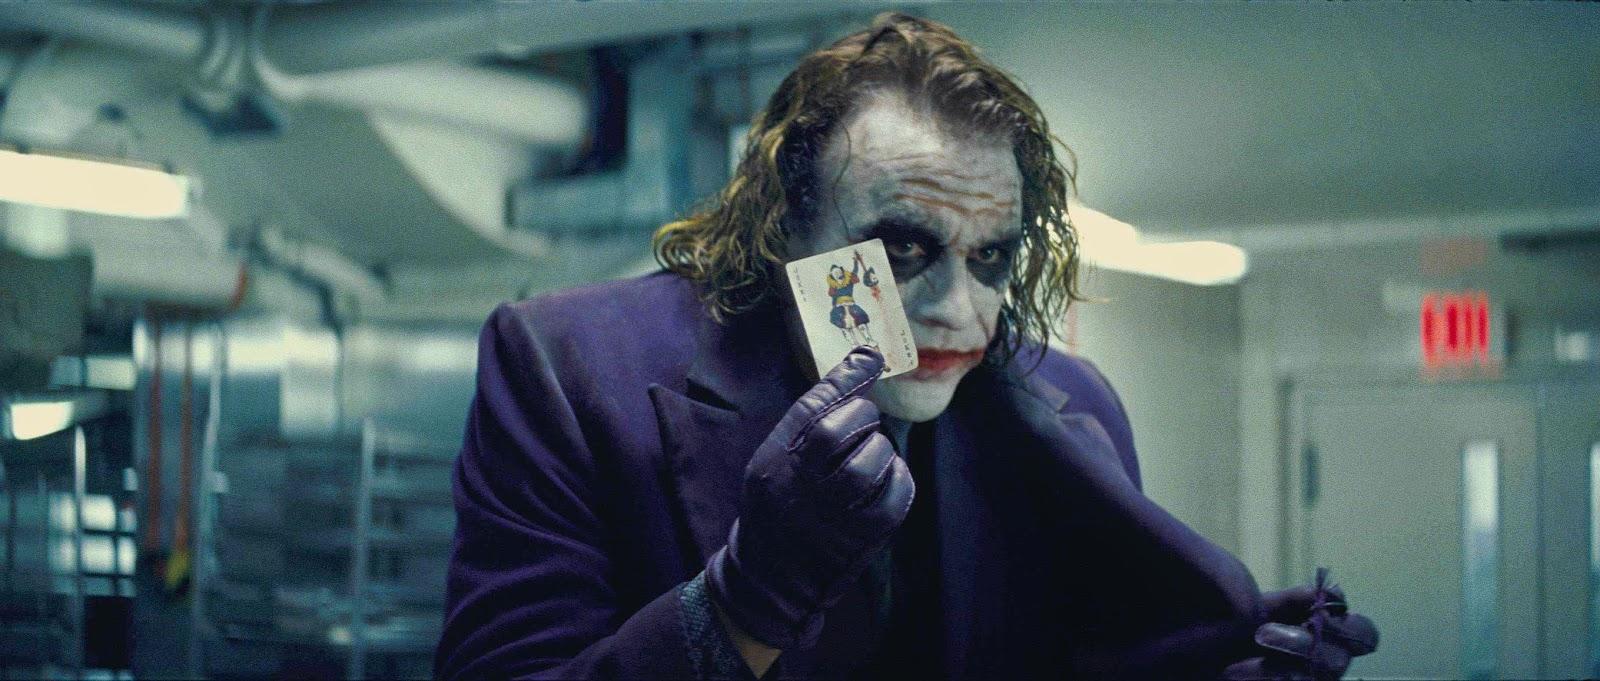 Image Result For Review Film Joker Dalam Bahasa Inggris